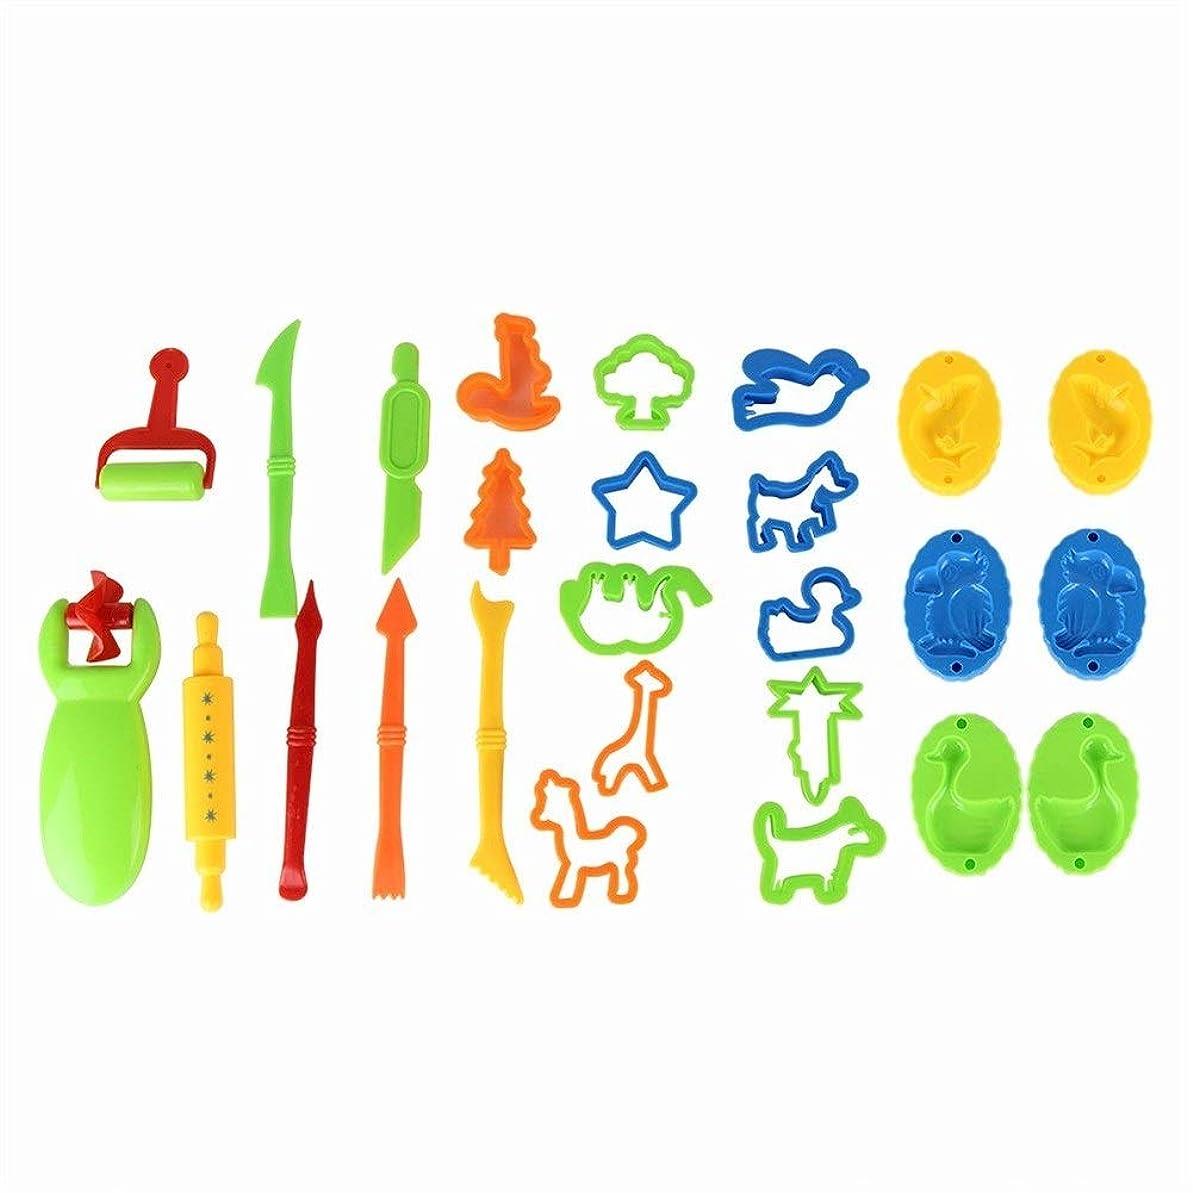 メトロポリタンルートベテラン26個キッズ粘土生地金型ツールプレイセットプレイローリング動物海の生き物玩具シェイプメーカージオメトリ就学前教育玩具DIY美術工芸キット パズル おもちゃ